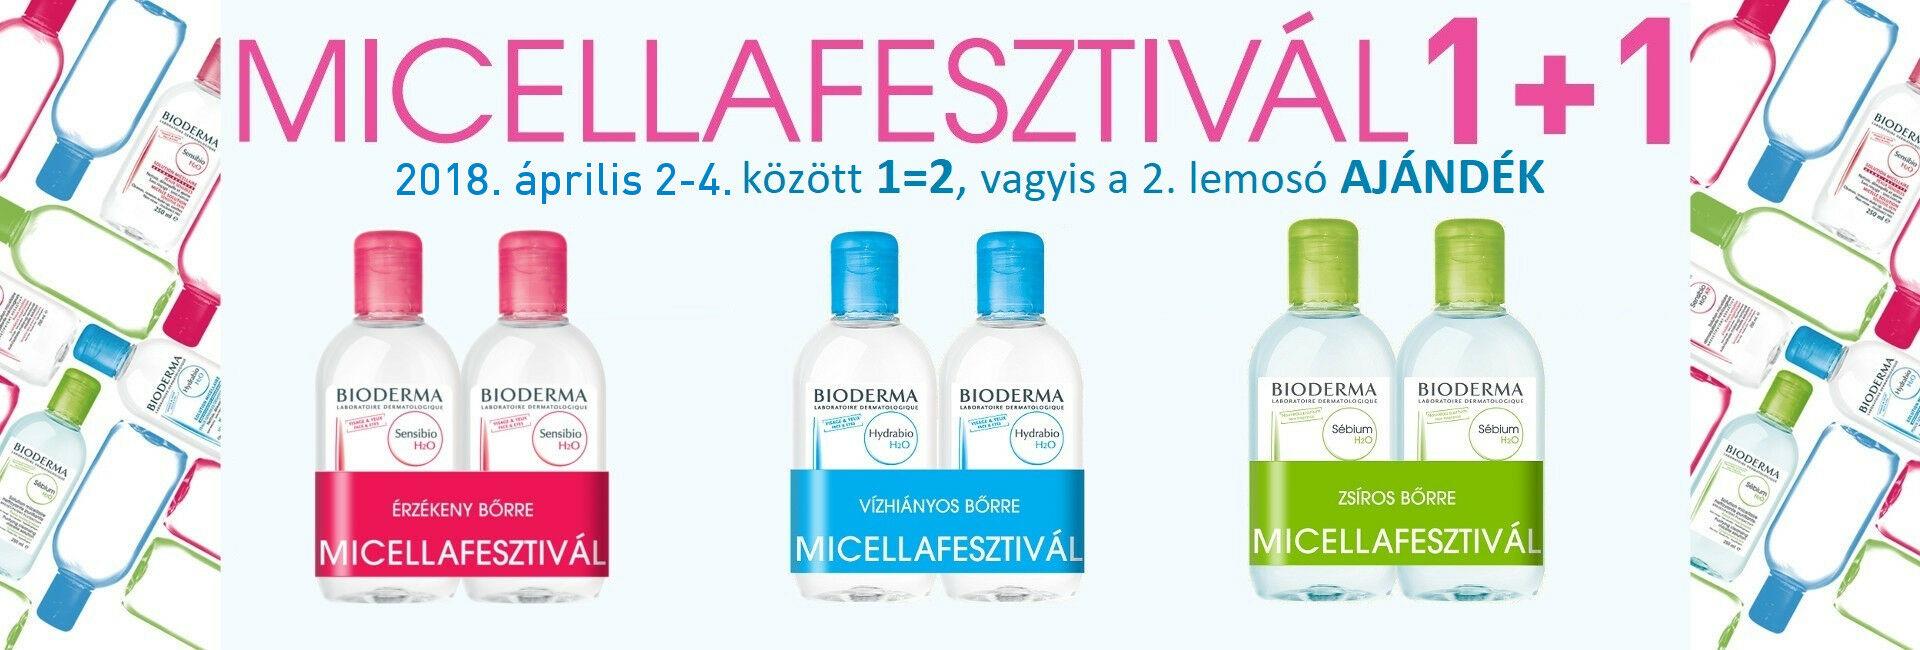 2018. április 2-4. között a Bioderma micellás arclemosó duo pack-ok különleges akciója: 1-t fizet 2-t kap!